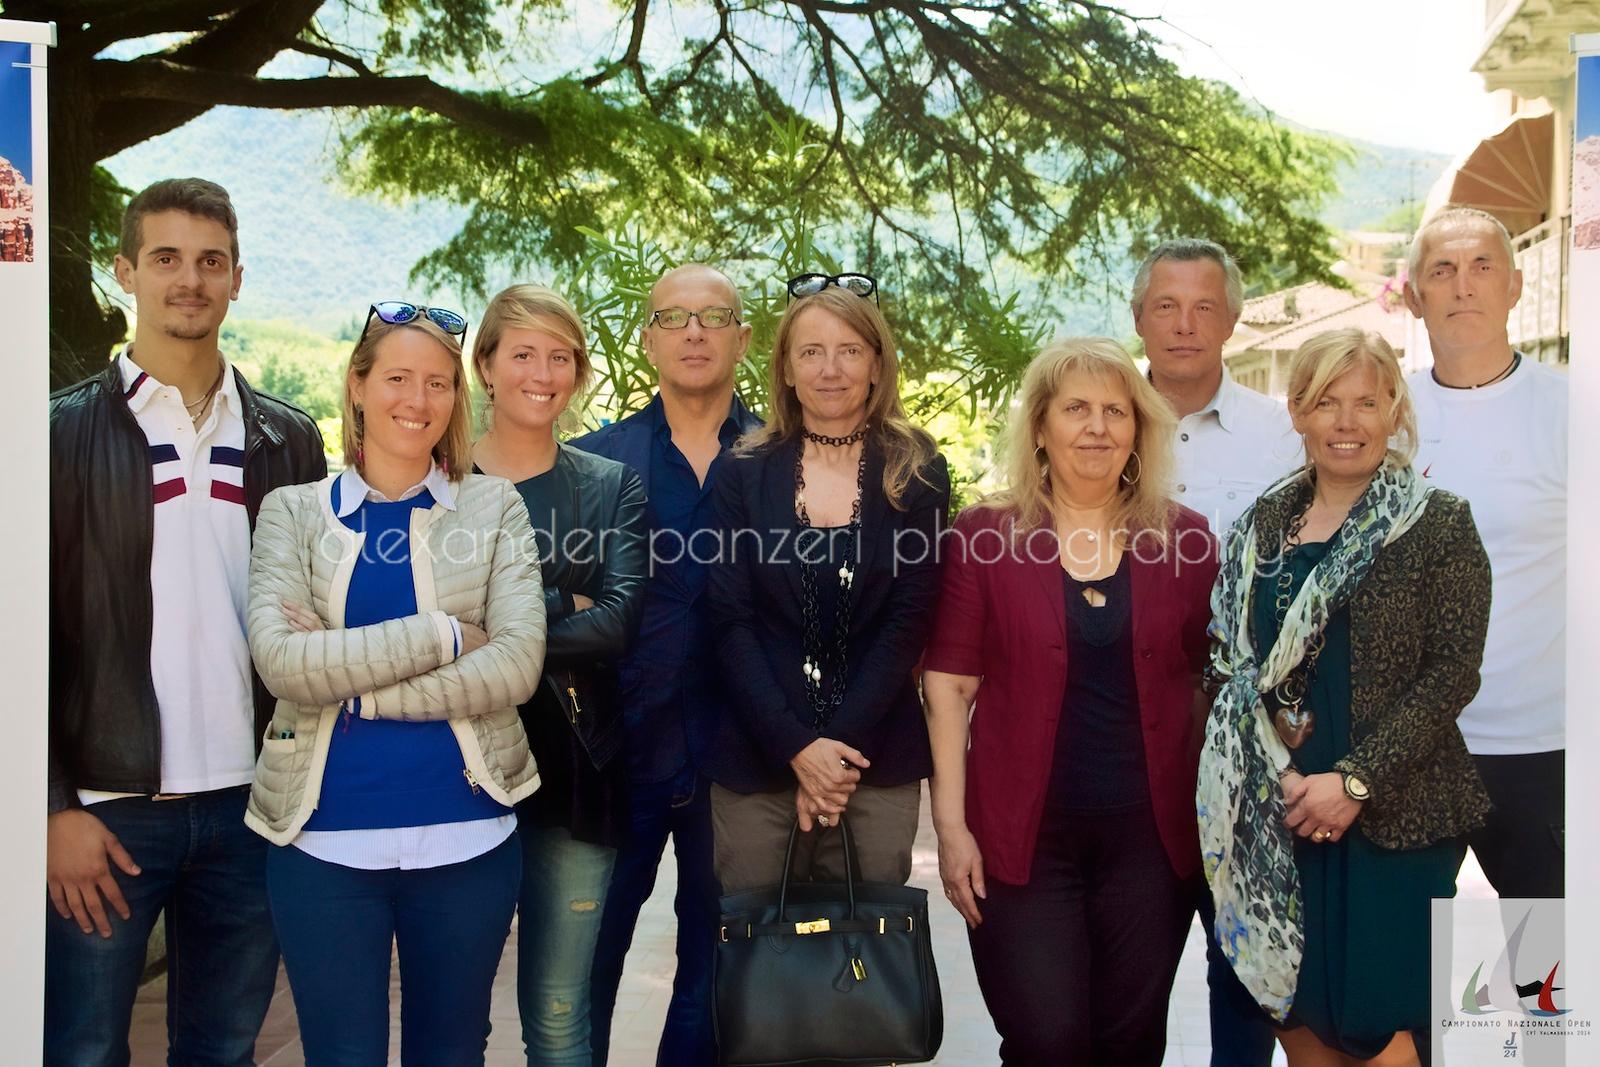 Foto di gruppo degli sponsor presenti all'evento  - J24ITA2014